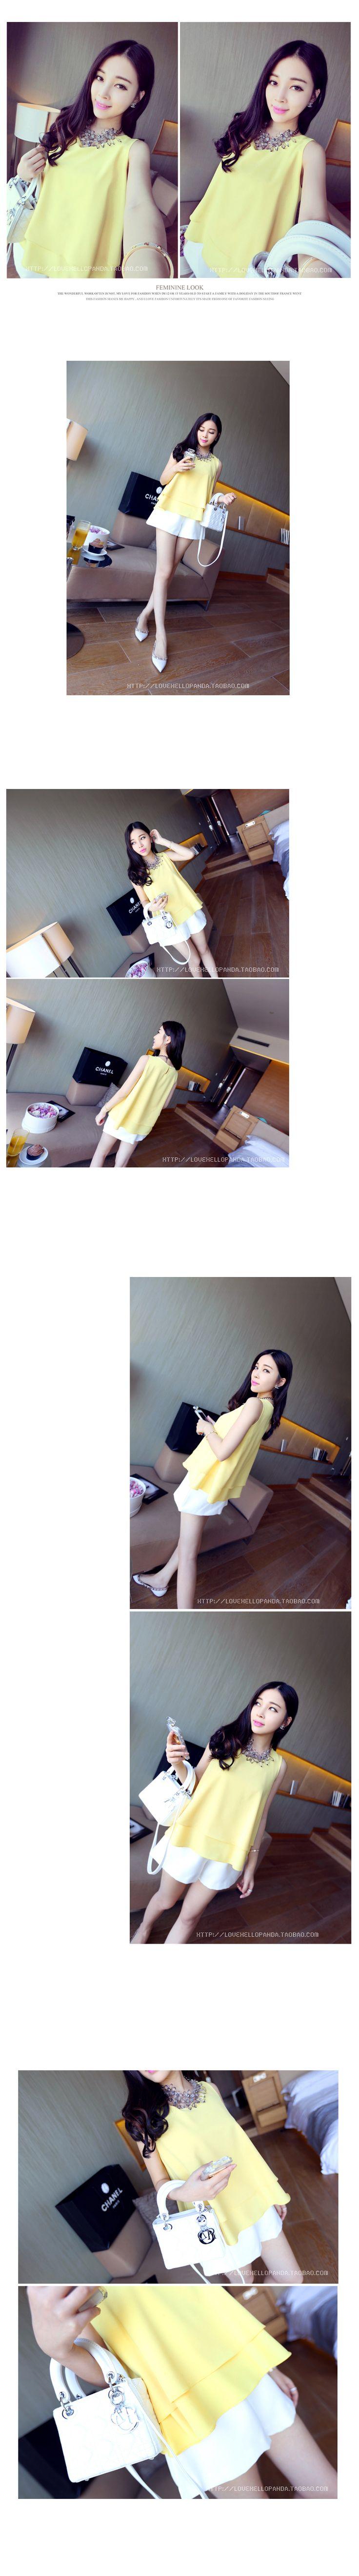 [Özel] her gün, büyük boy gevşek gündelik kolsuz yelek, kısa kollu şifon gömlek gömlek kadın yaz dibe çift - Taobao